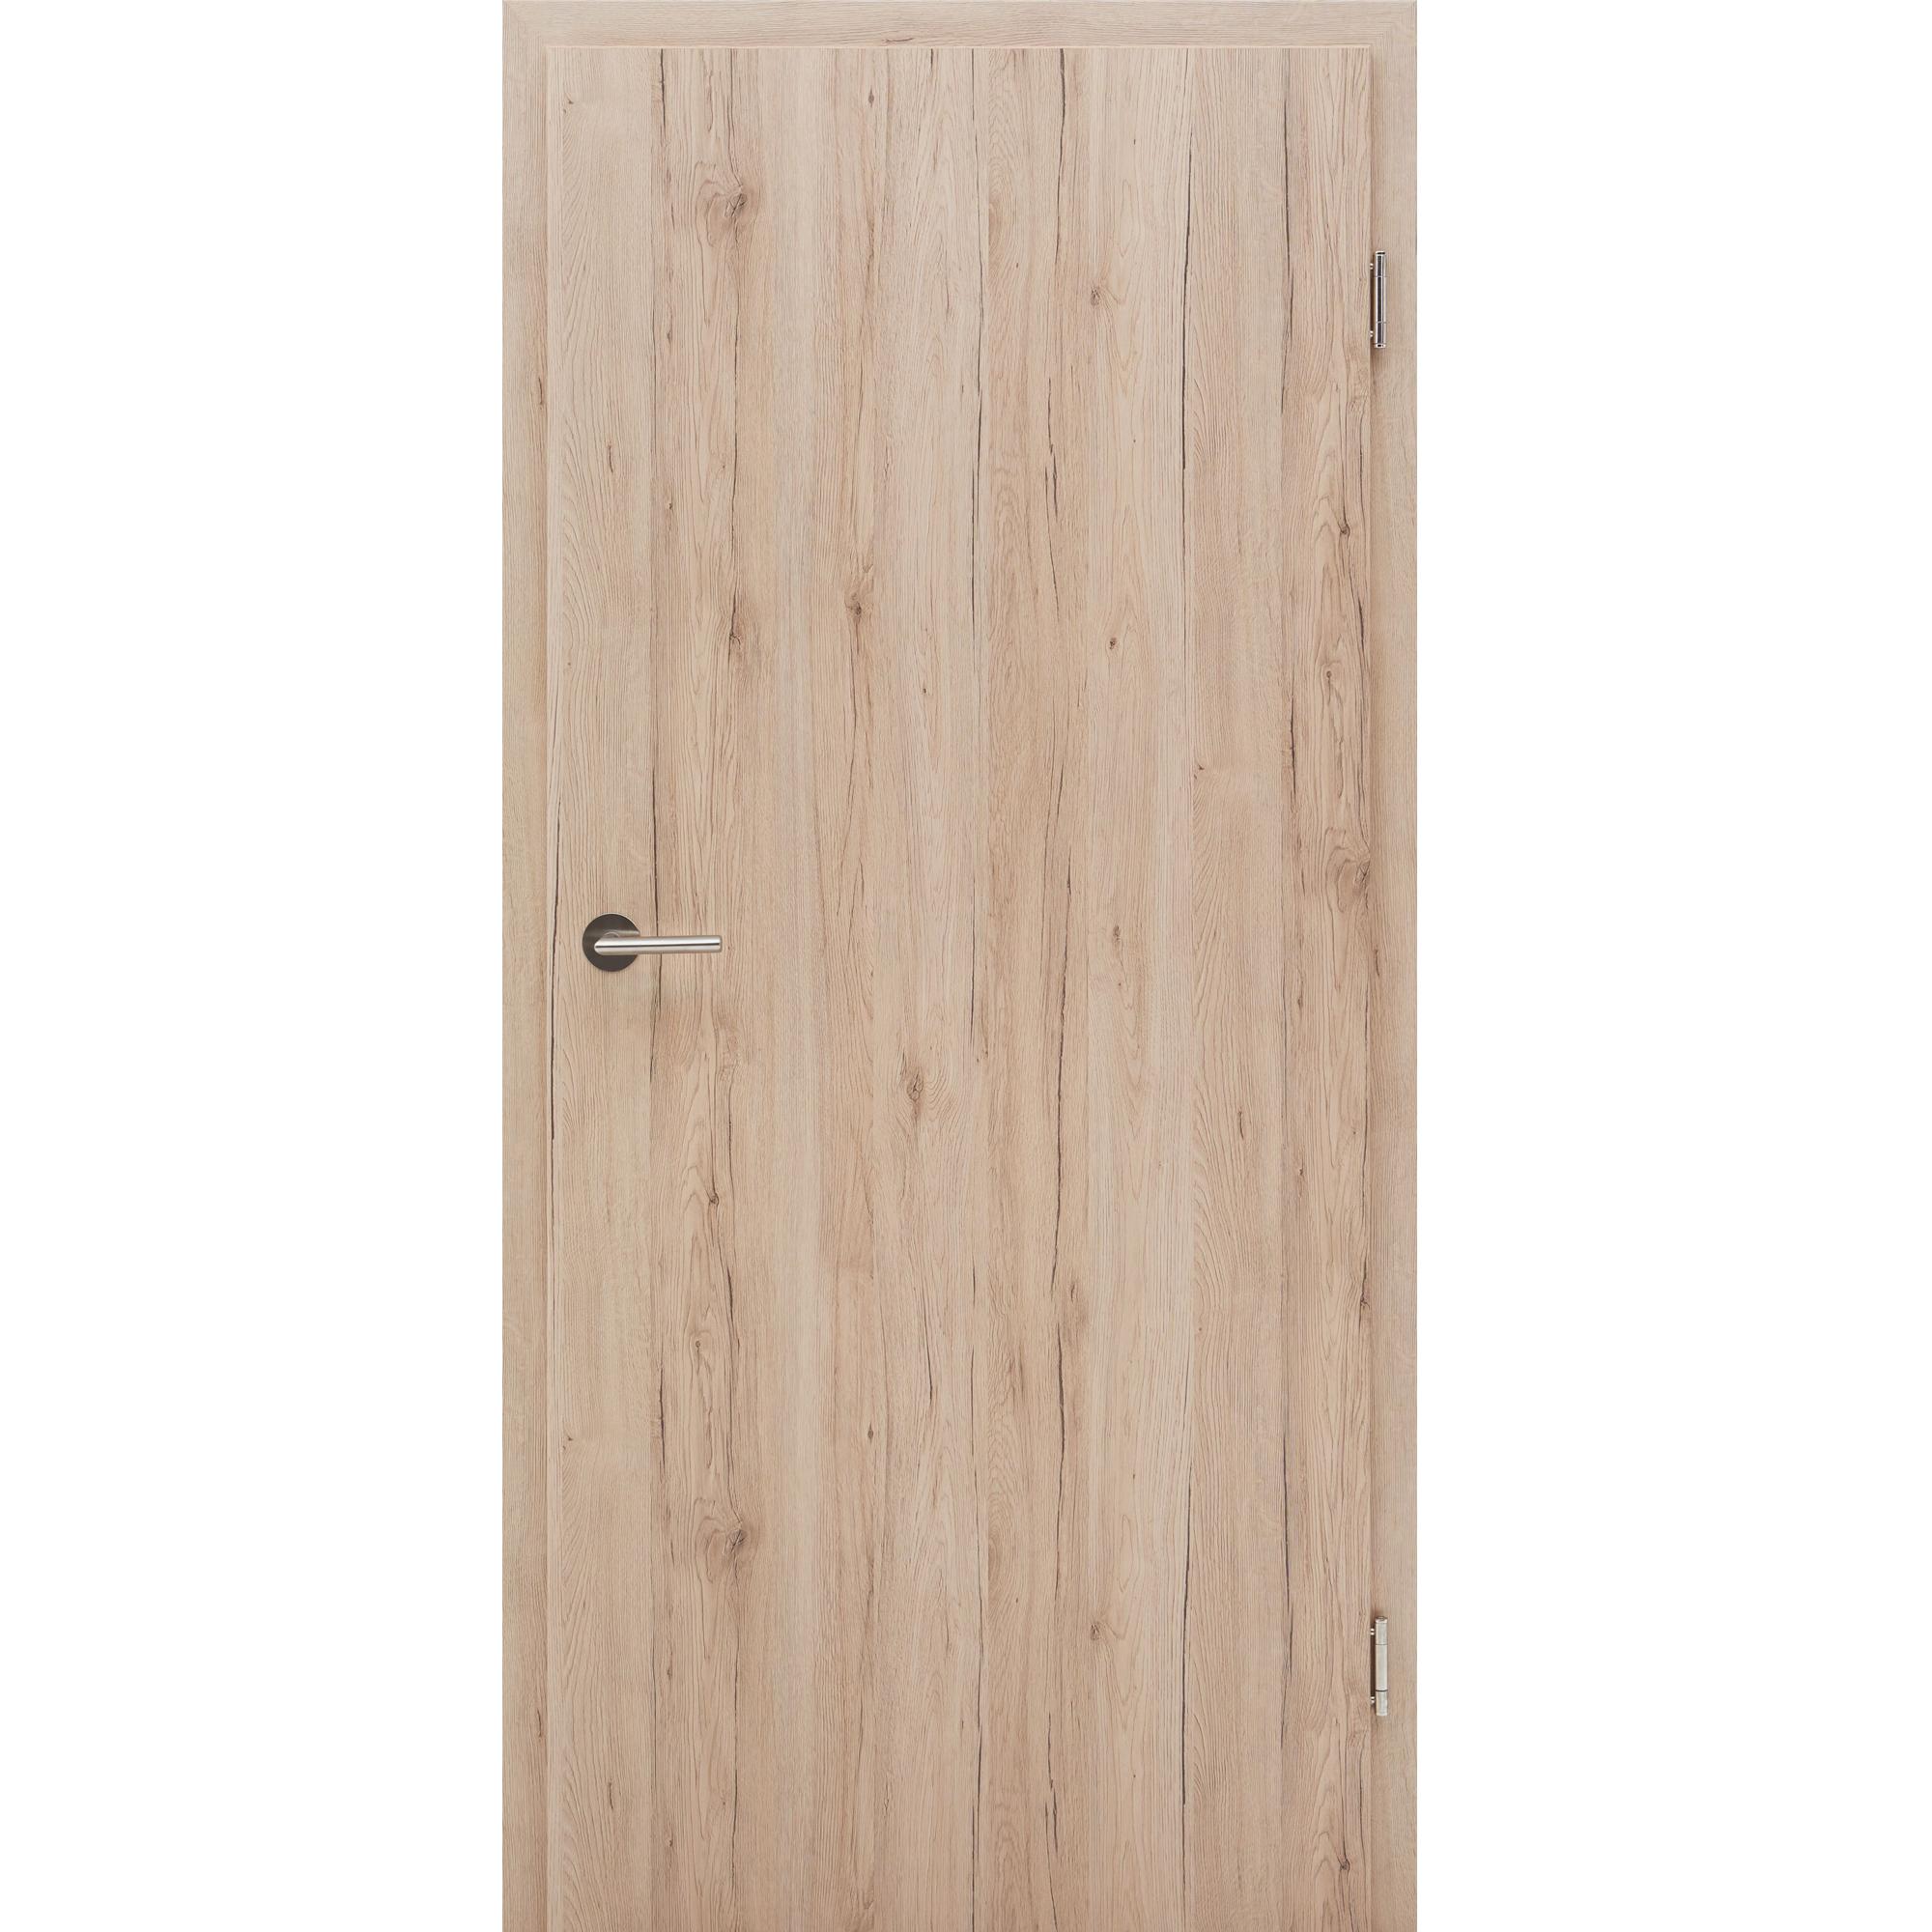 wohnungst r mit zarge cpl eiche barrique vollspan 27db kkl. Black Bedroom Furniture Sets. Home Design Ideas